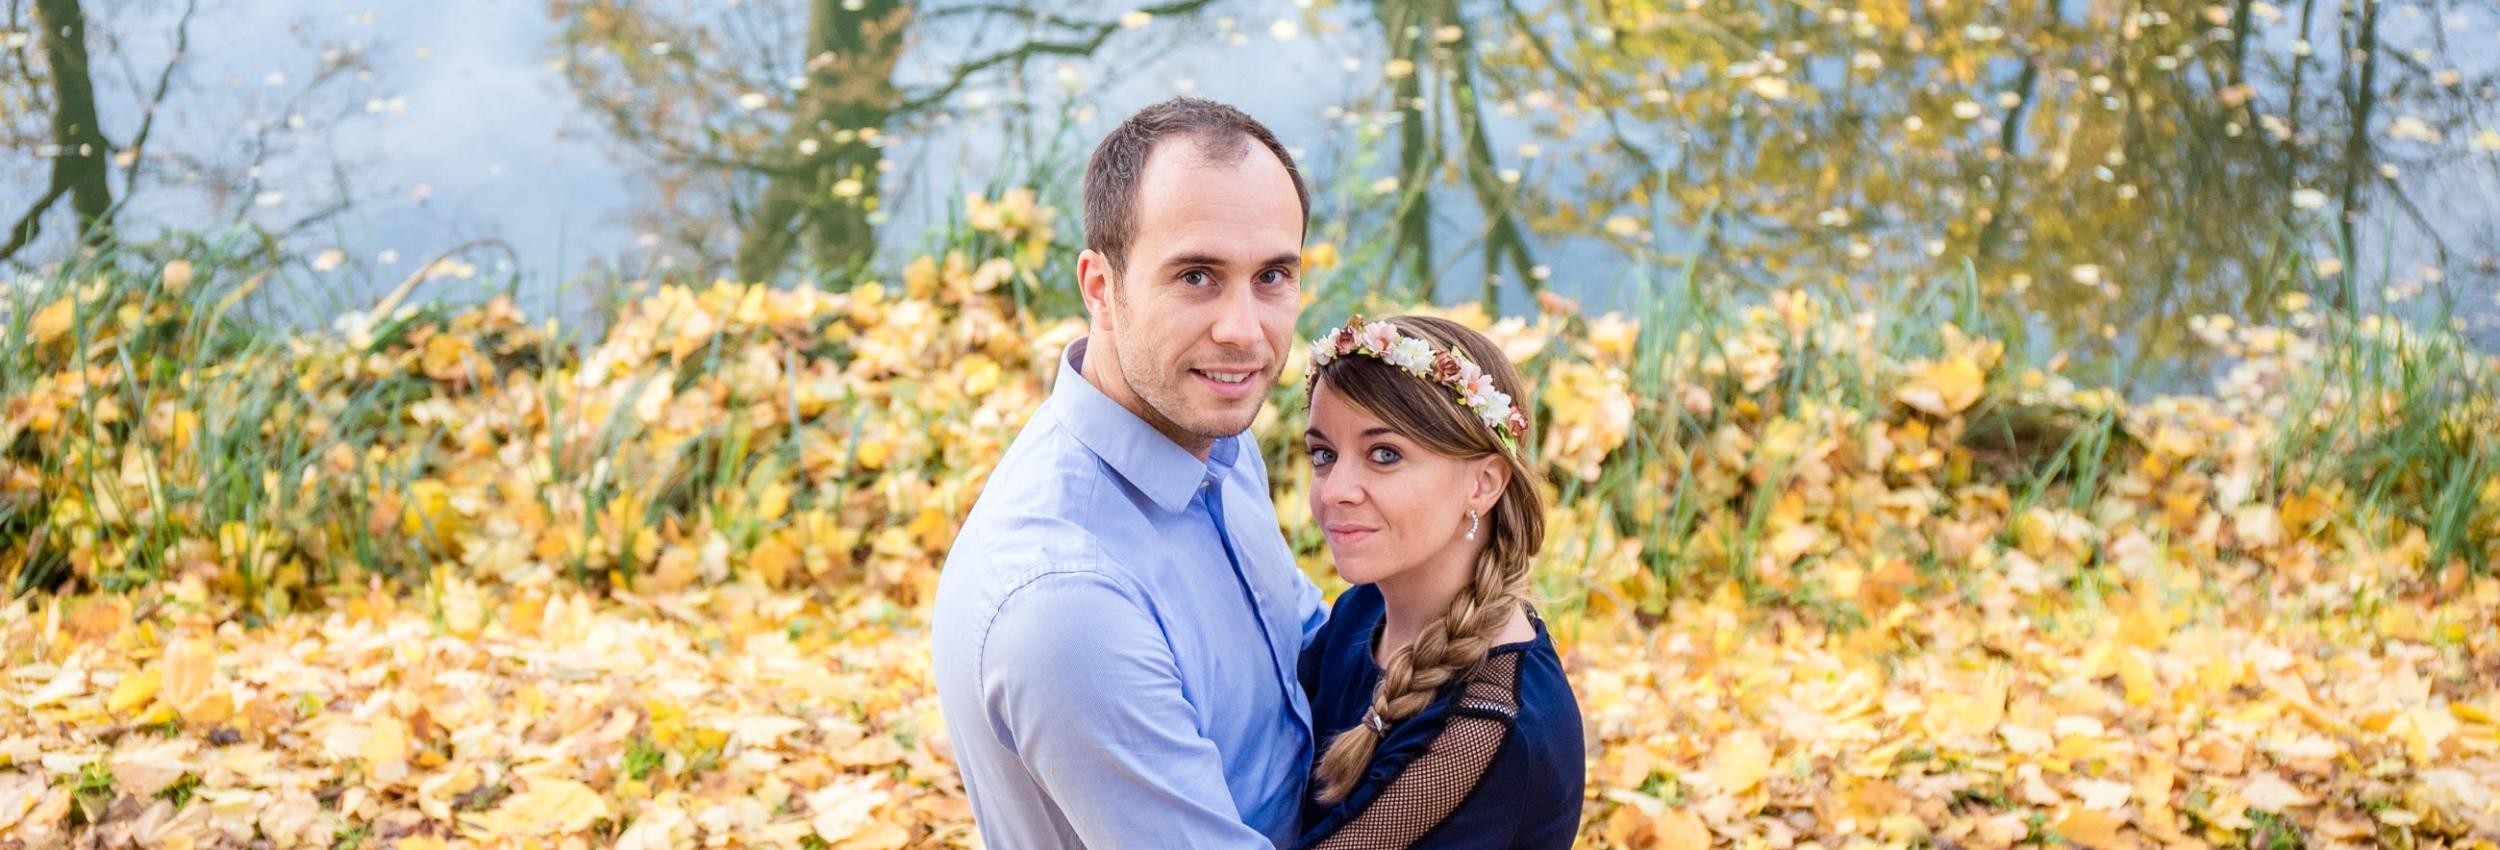 photographe couple famille lifestyle julie rivière photographie toulouse